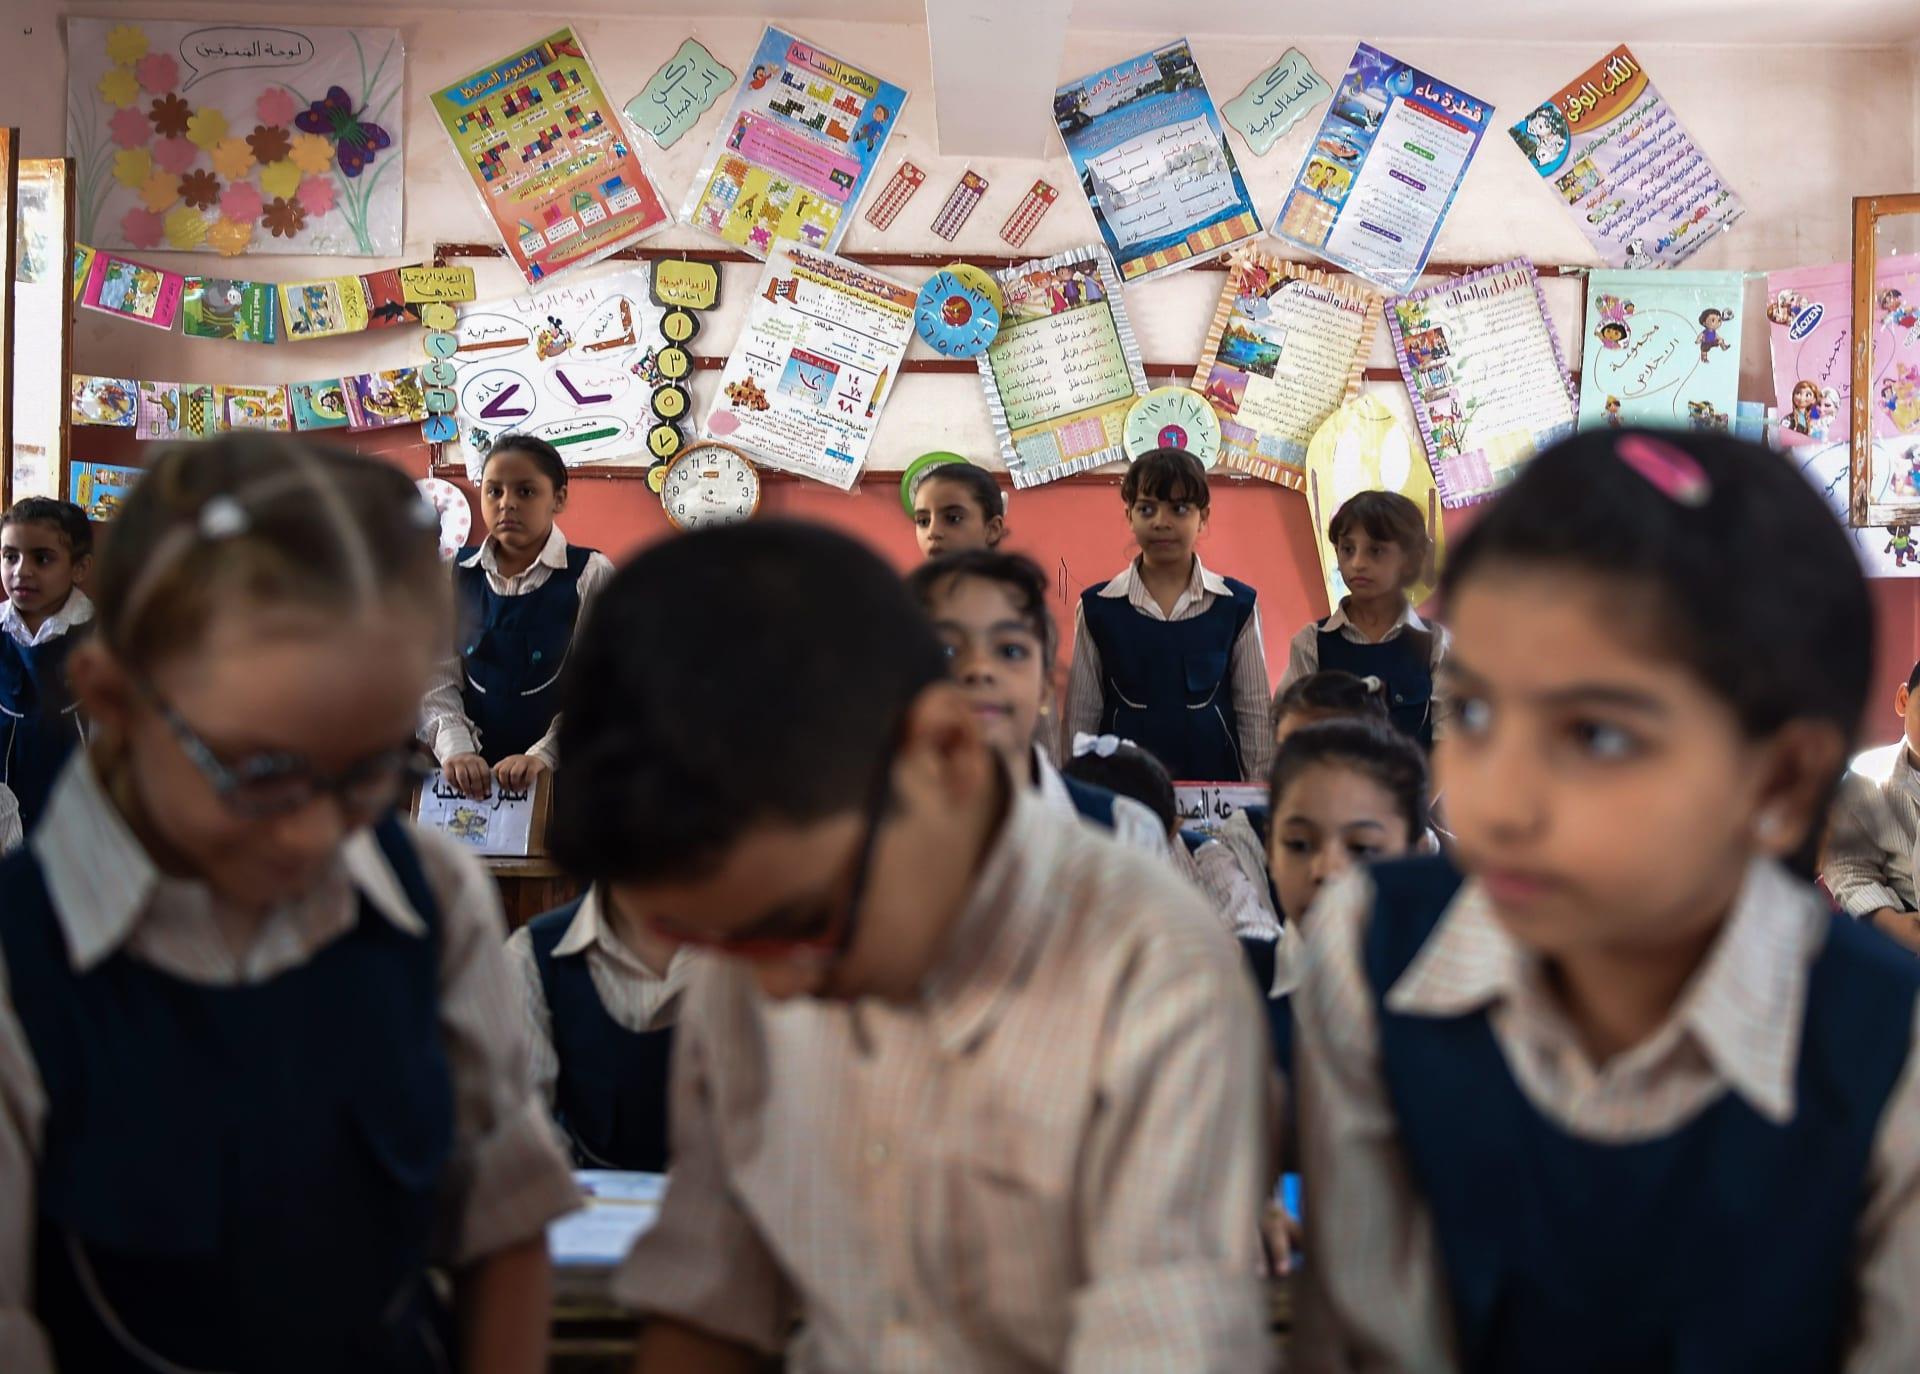 تلاميذ داخل الفصل في مدرسة المحبة بعزبة النخل، شمال العاصمة المصرية القاهرة